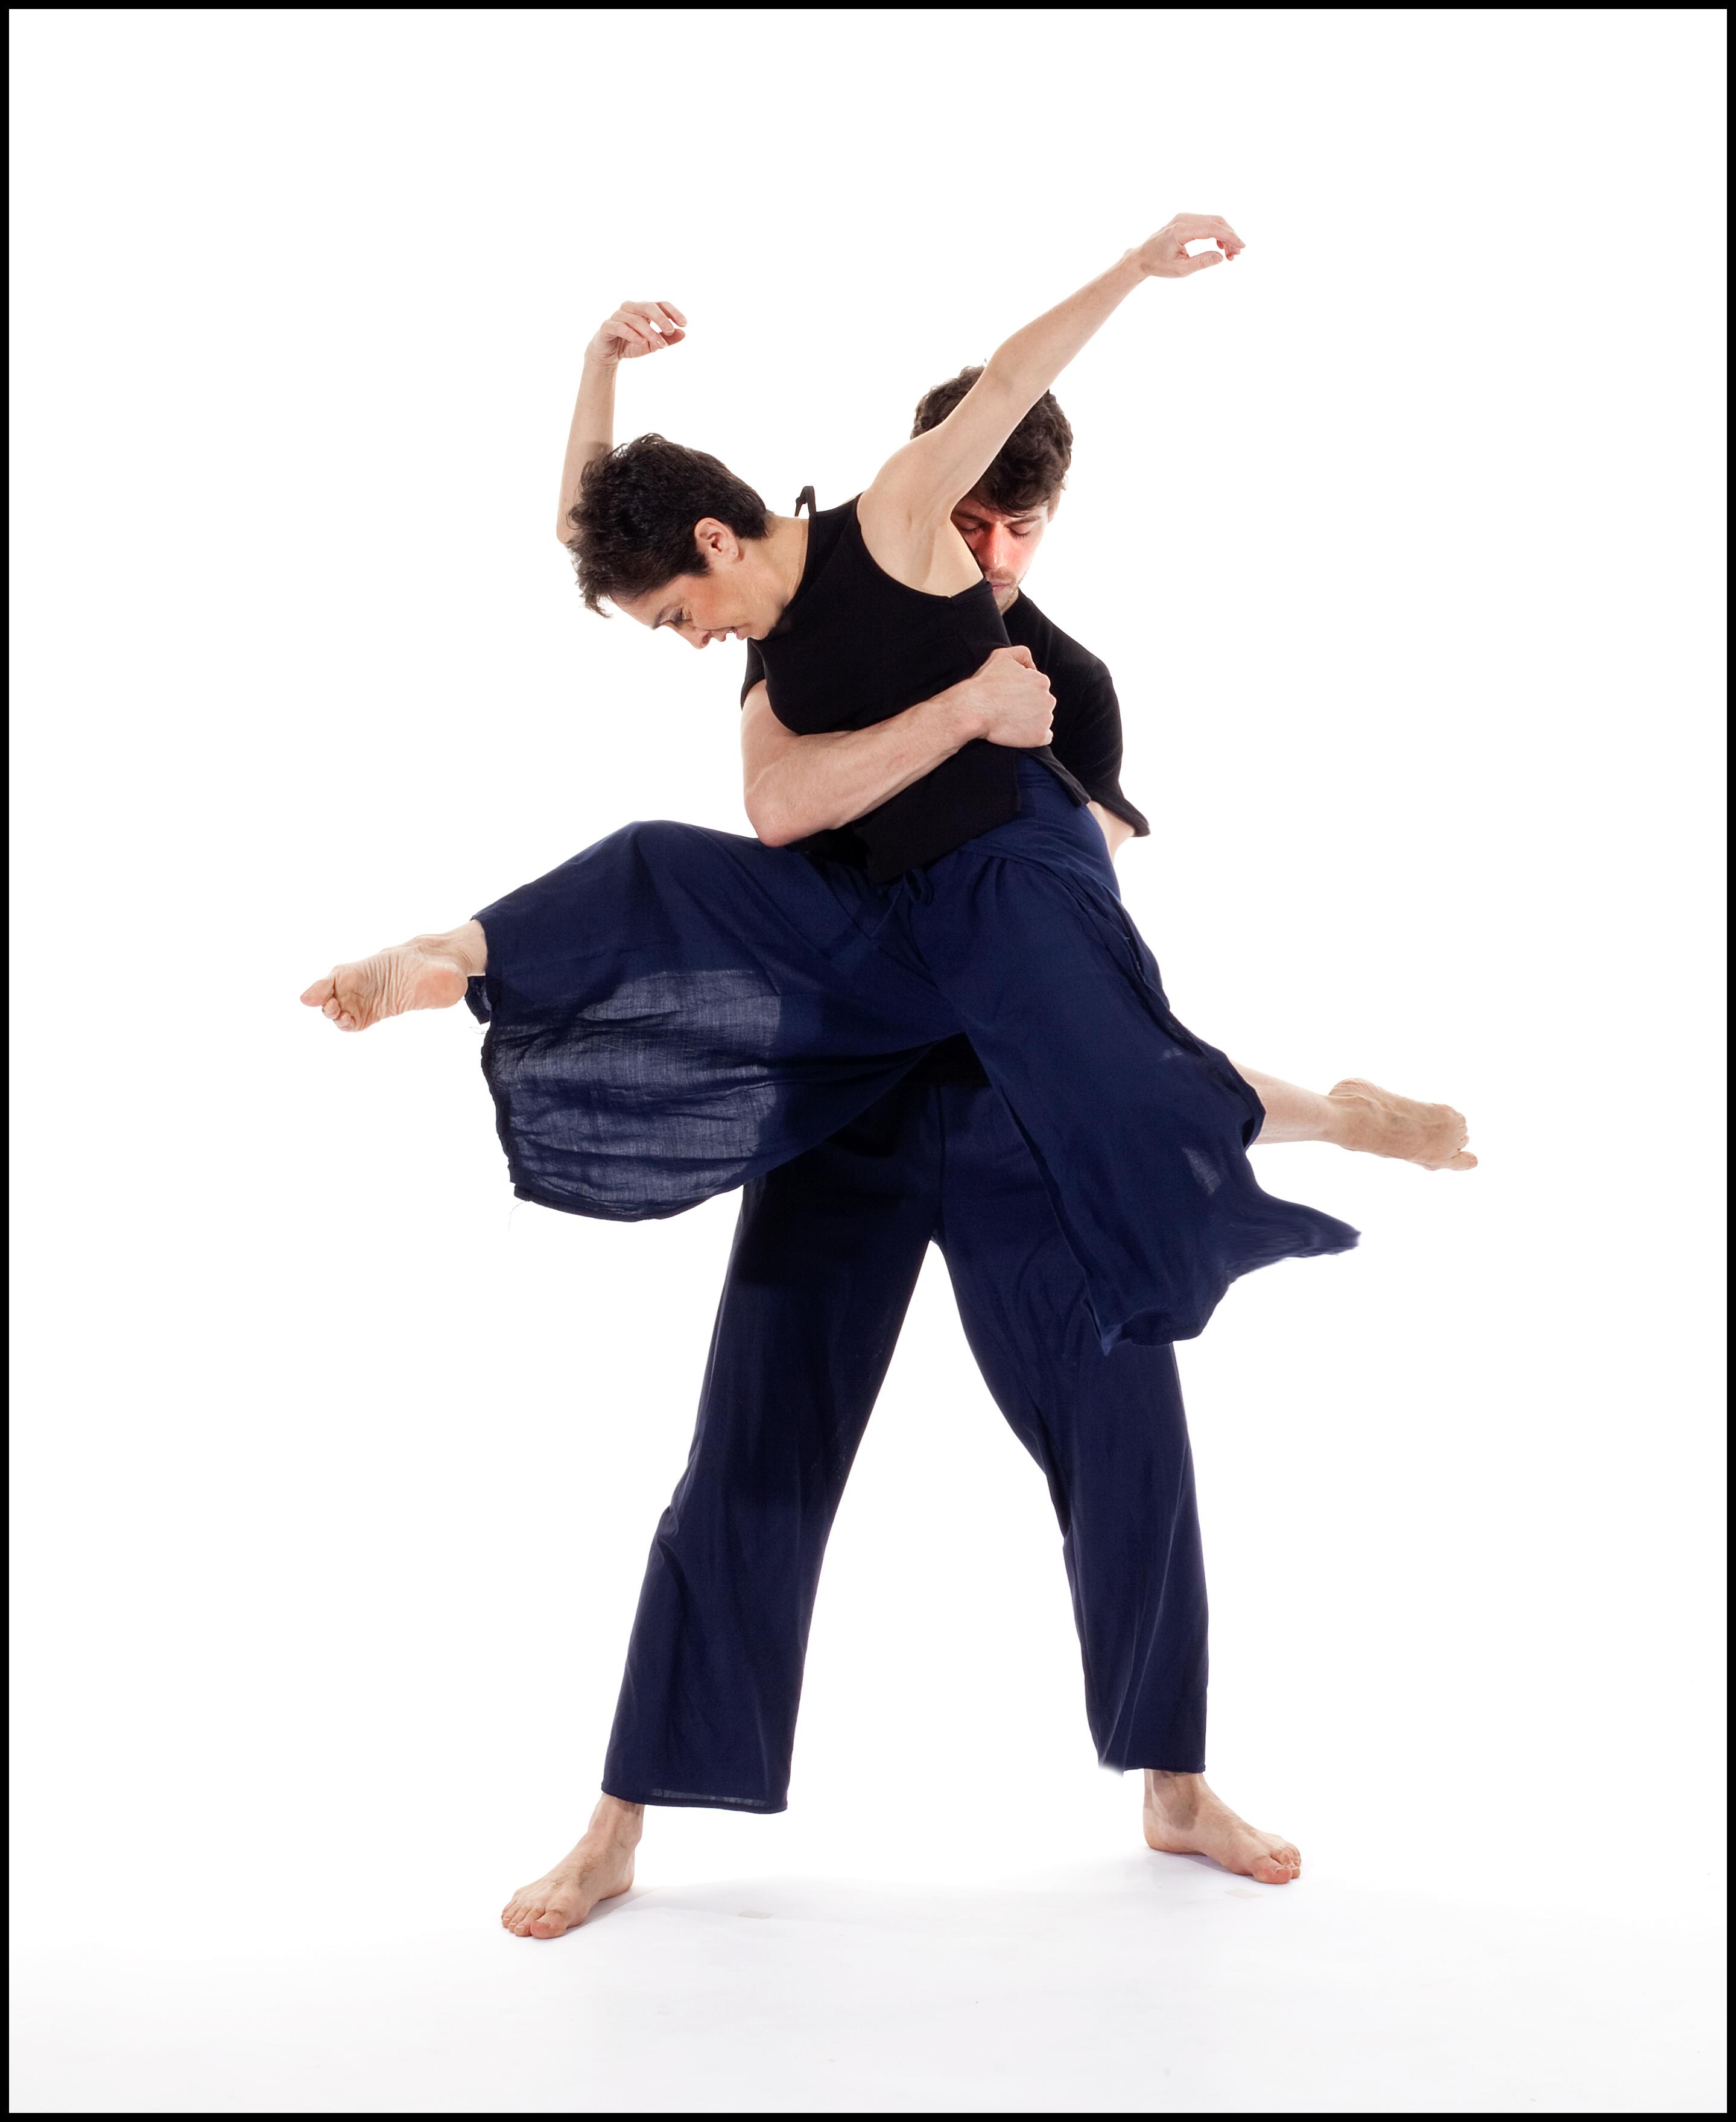 Janis Brenner / Dance